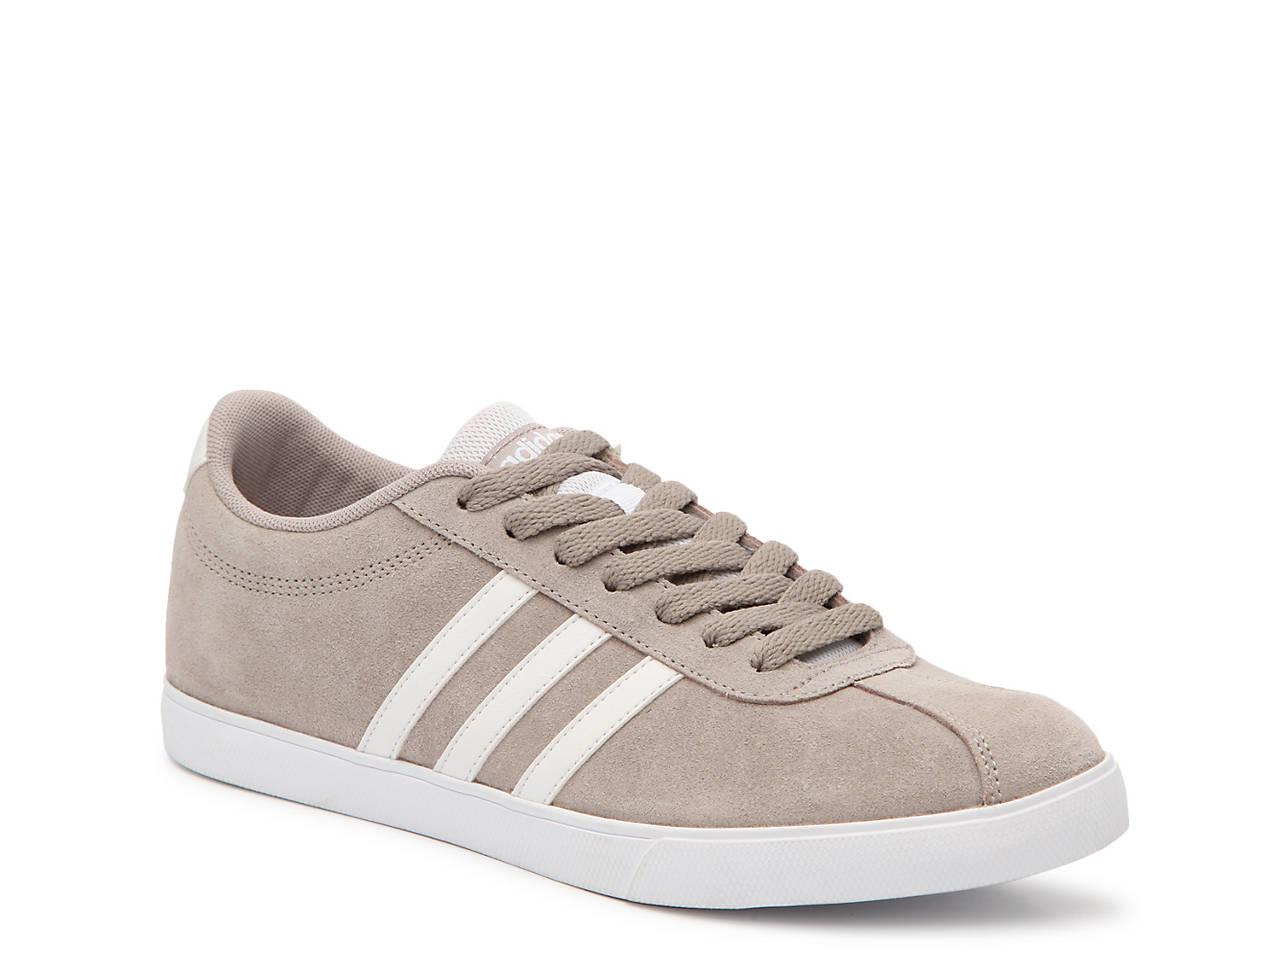 Courtset Sneaker - Women's